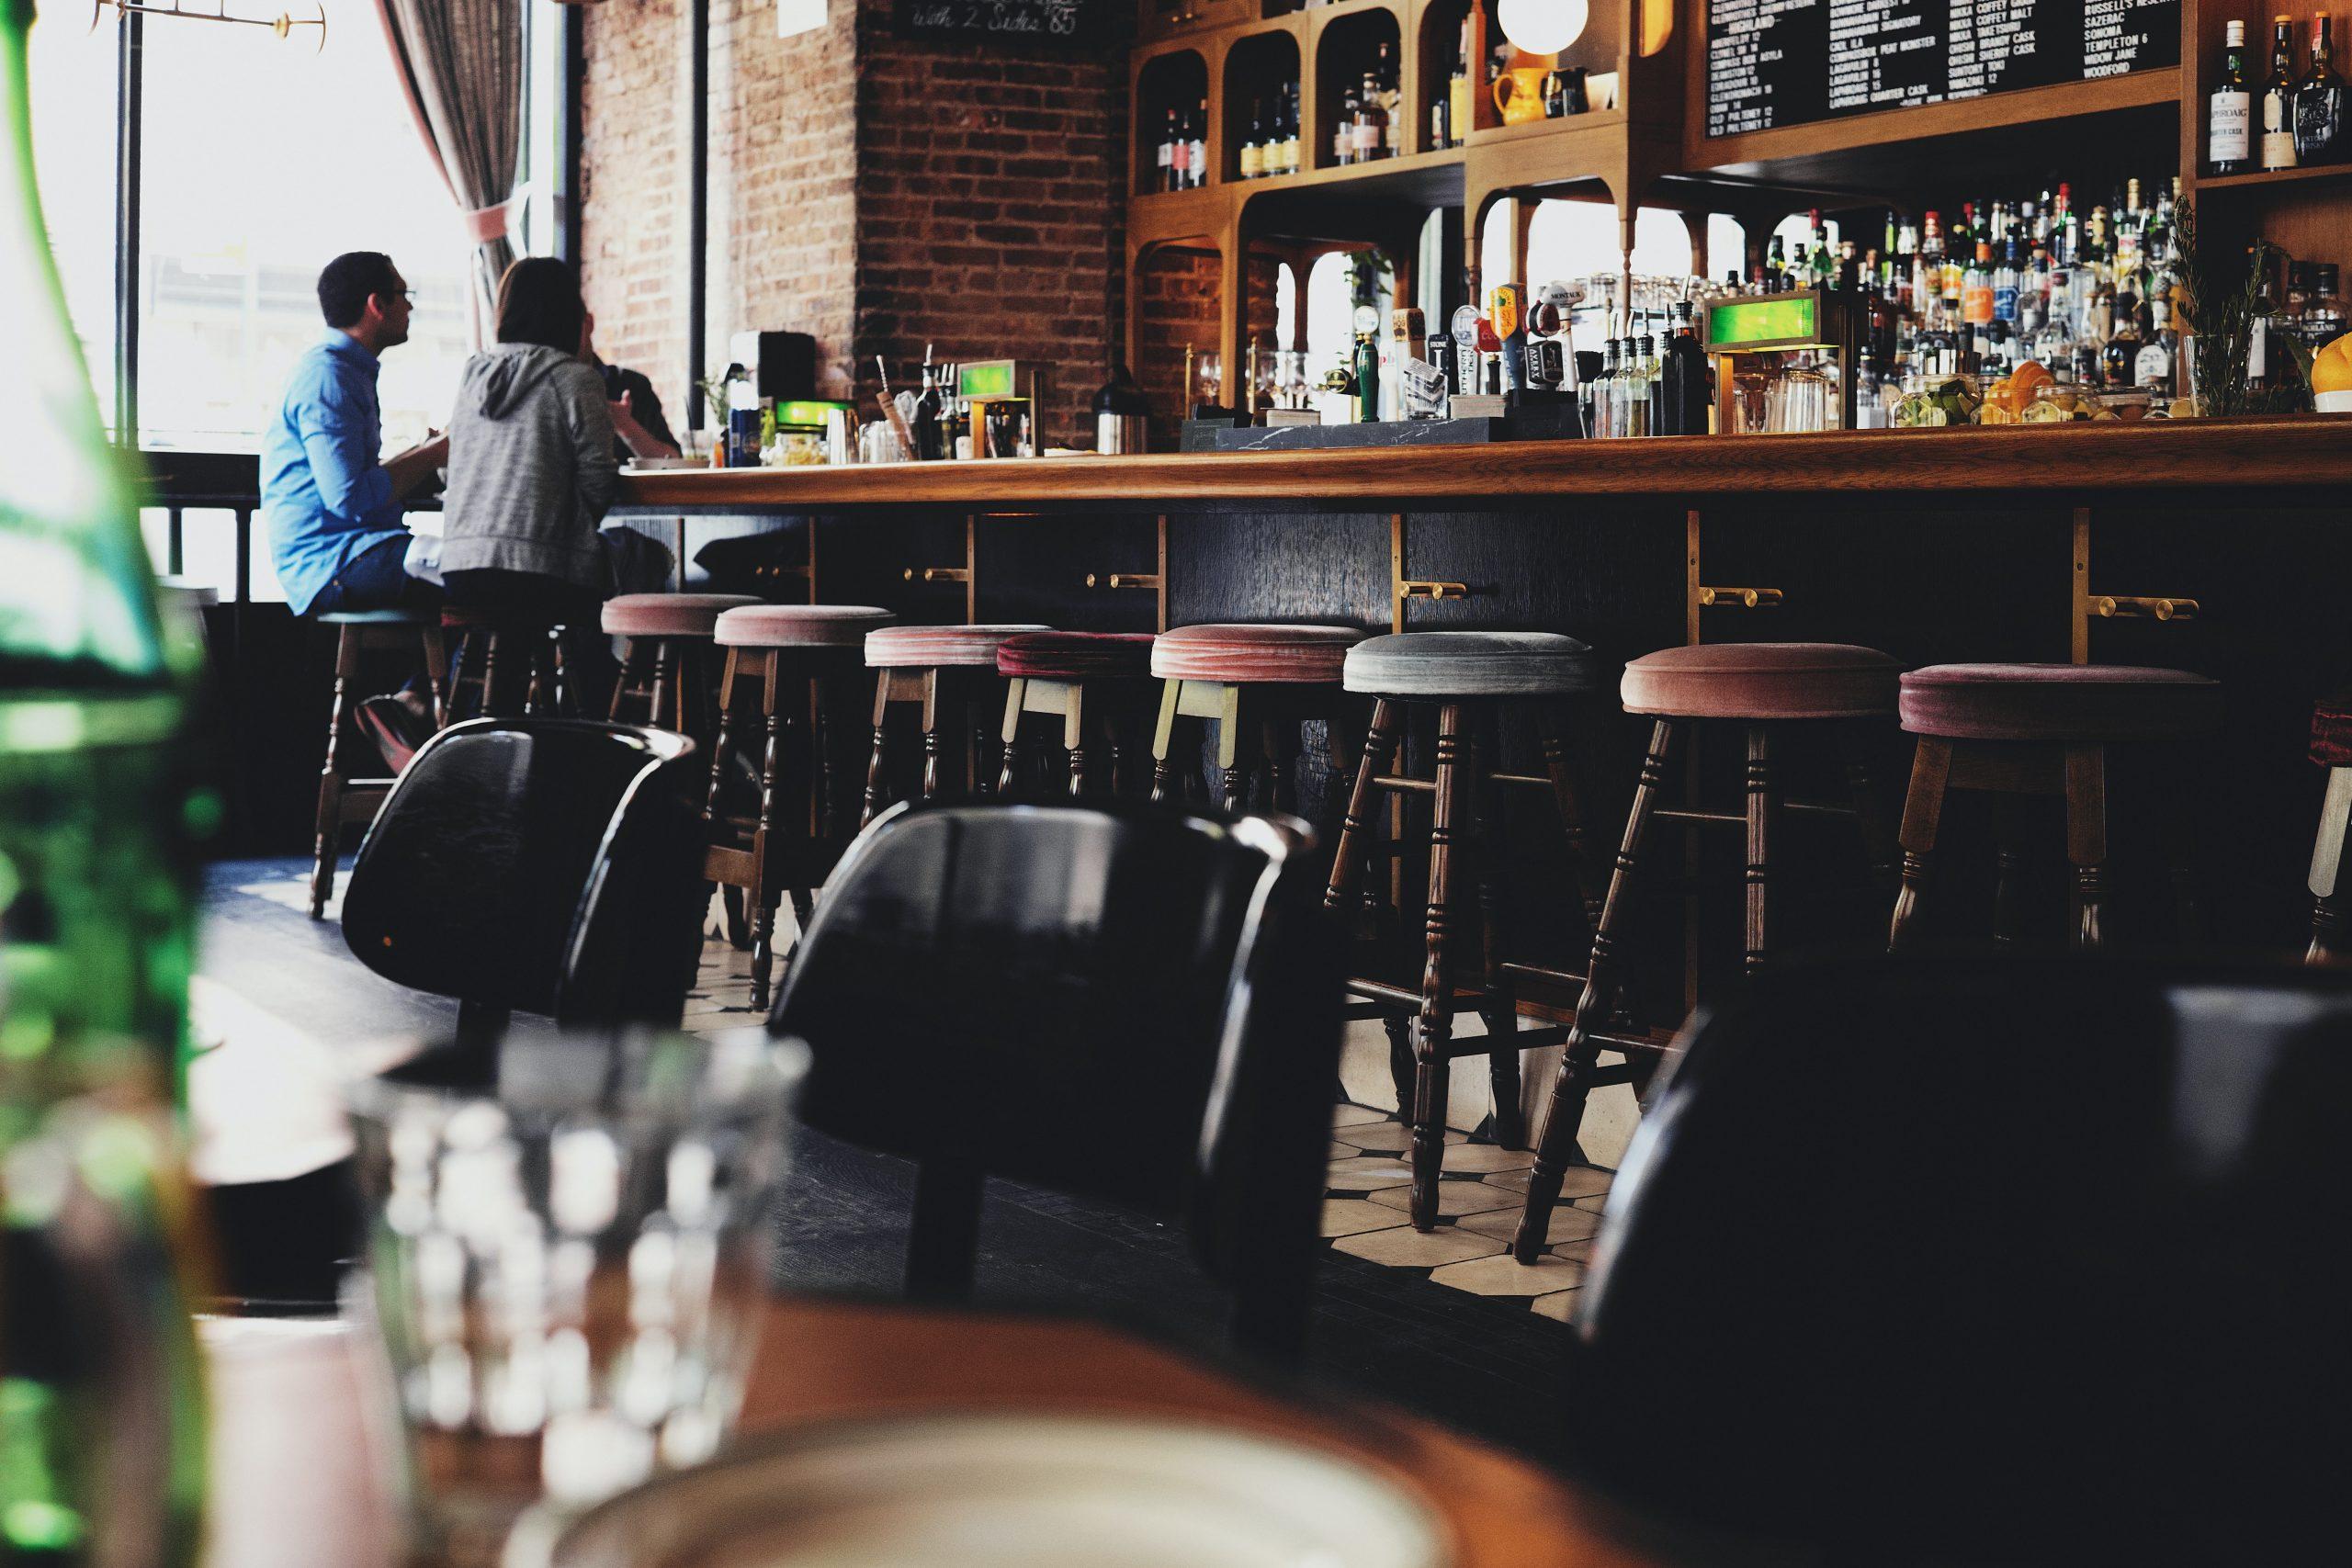 Cursos de Elaboración y Exposición de Comidas en el Bar-Cafetería